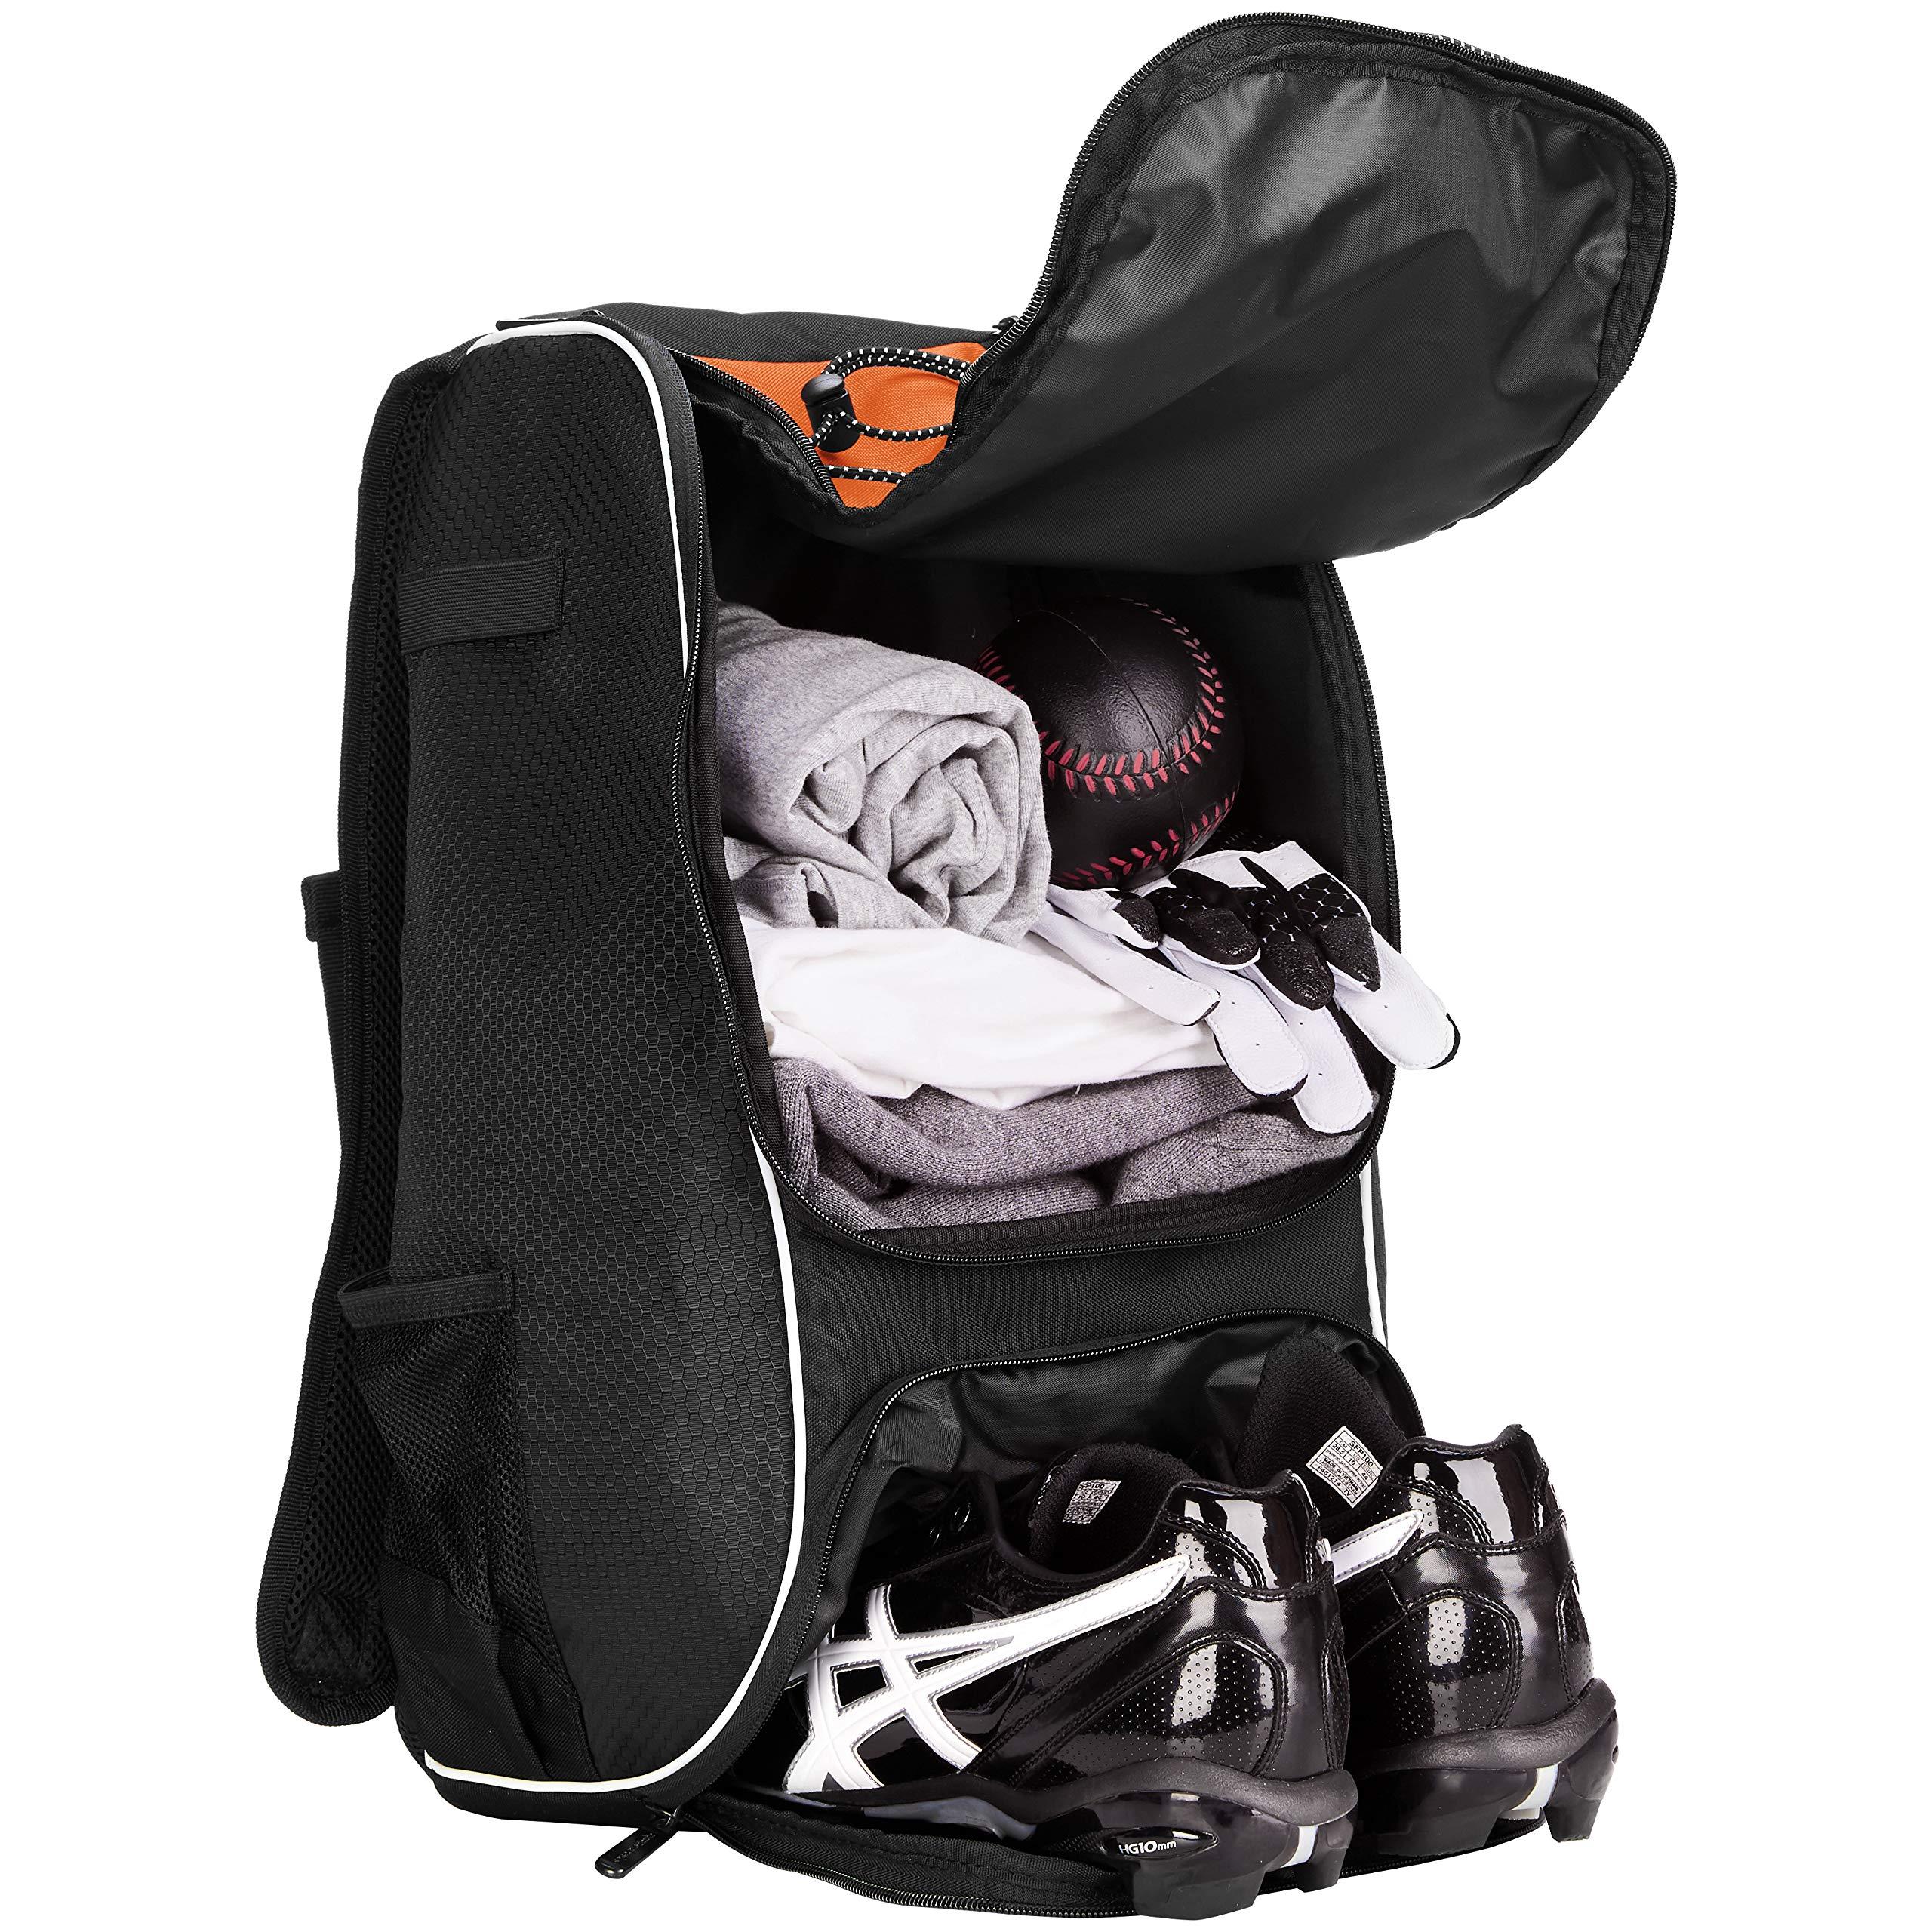 AmazonBasics Youth Baseball Equipment Backpack, Orange by AmazonBasics (Image #4)